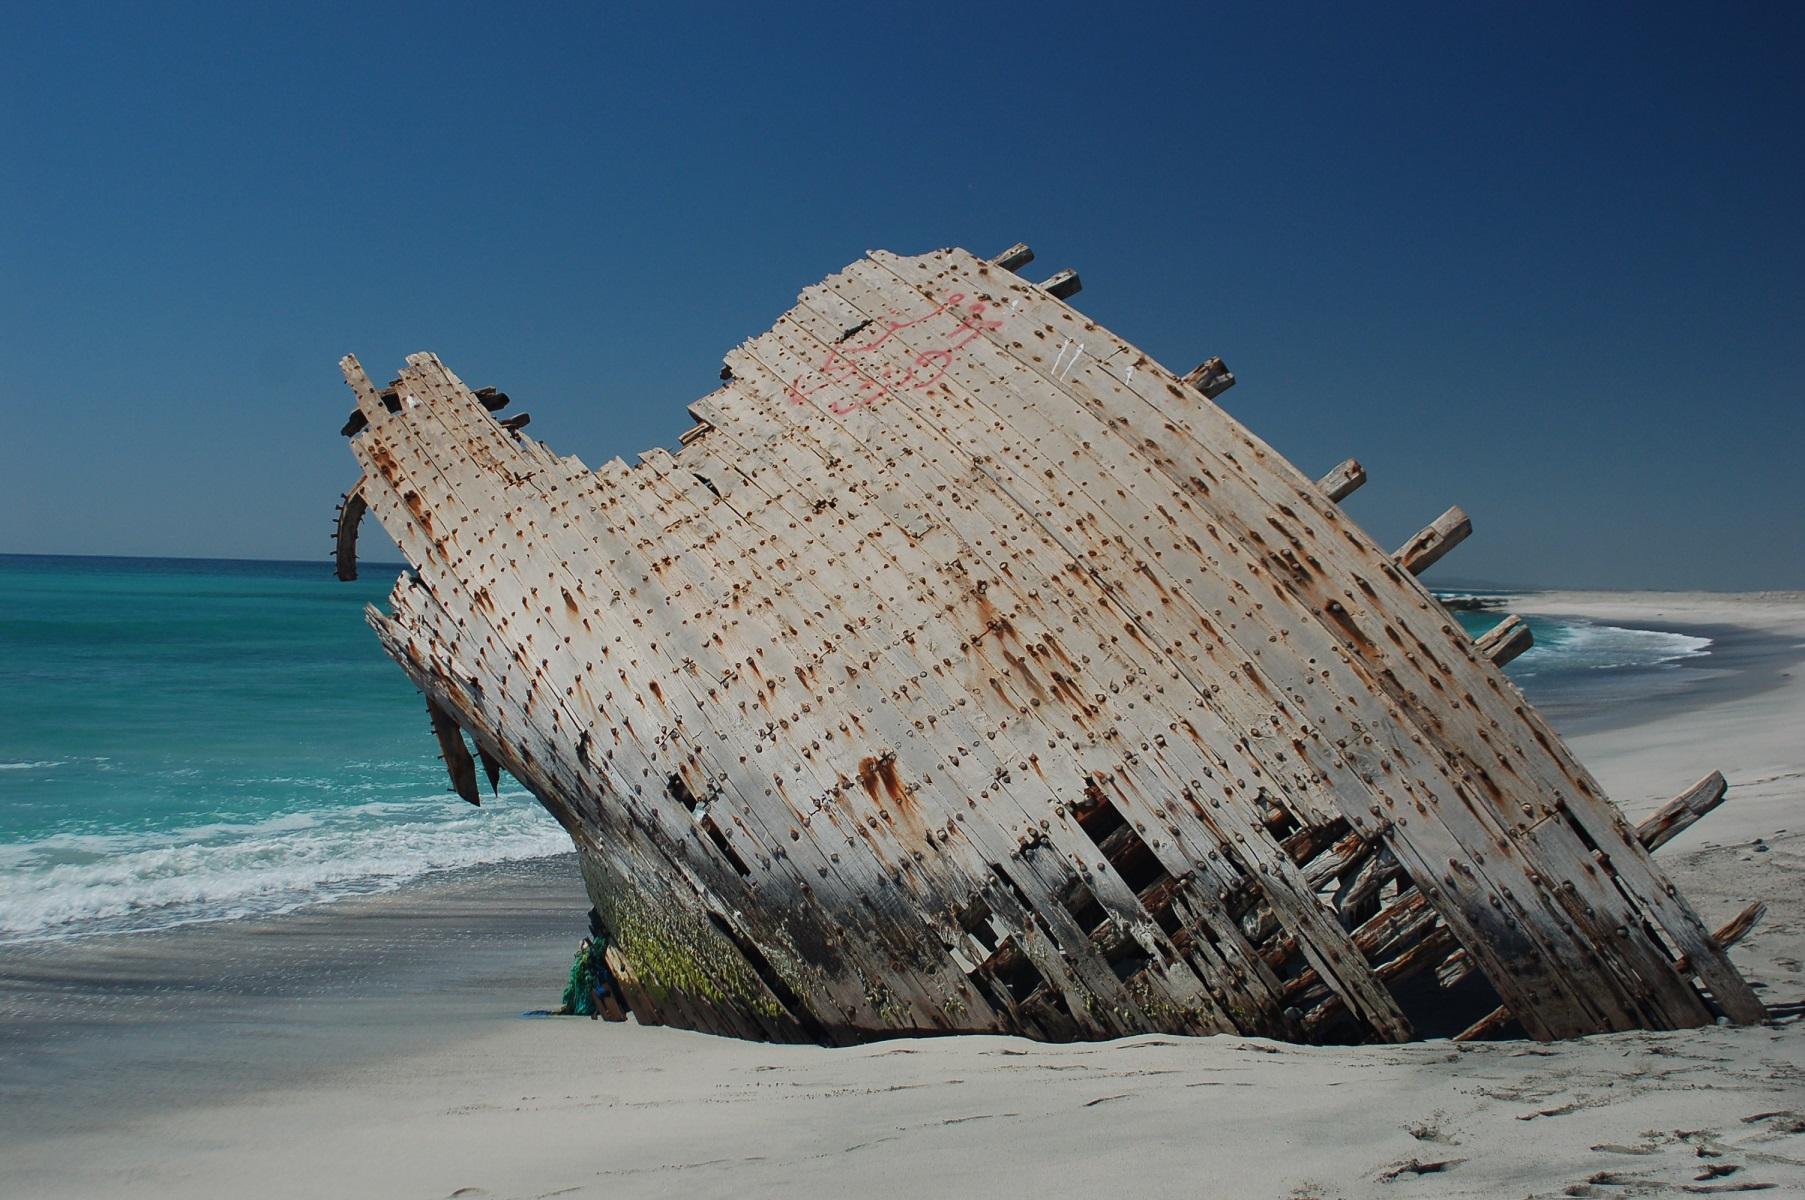 Oman - Die Reste eines gestrandeten Bootes. Es wurde in mühsamer Handarbeit gefertigt.